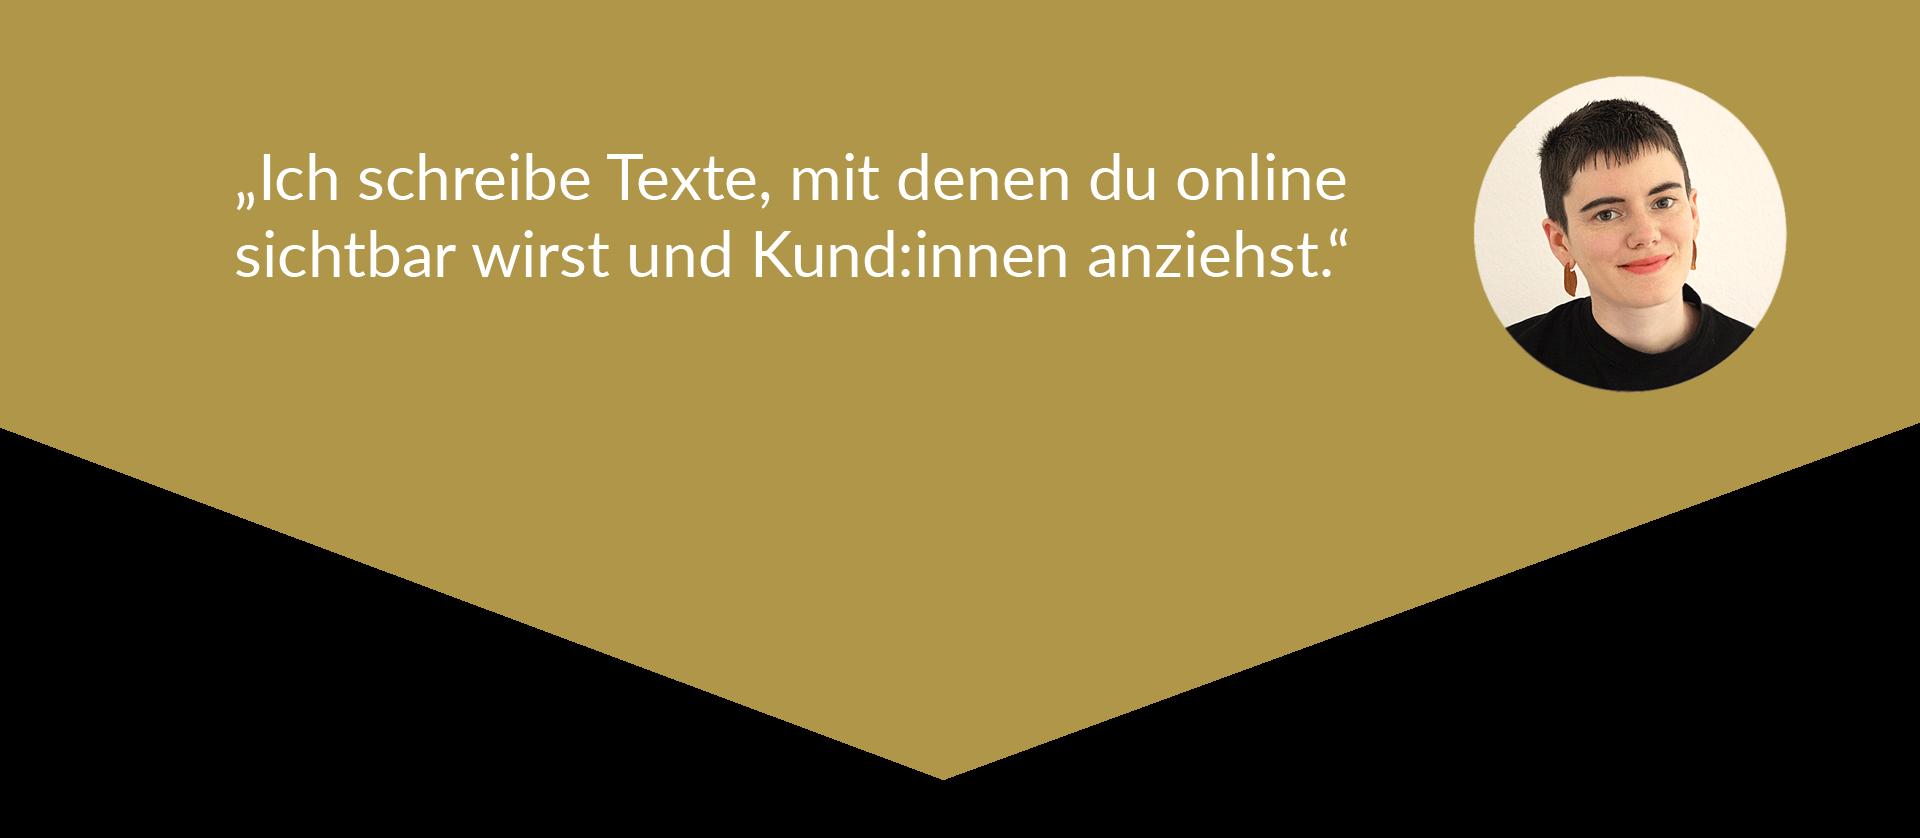 Texte für Website schreiben lassen